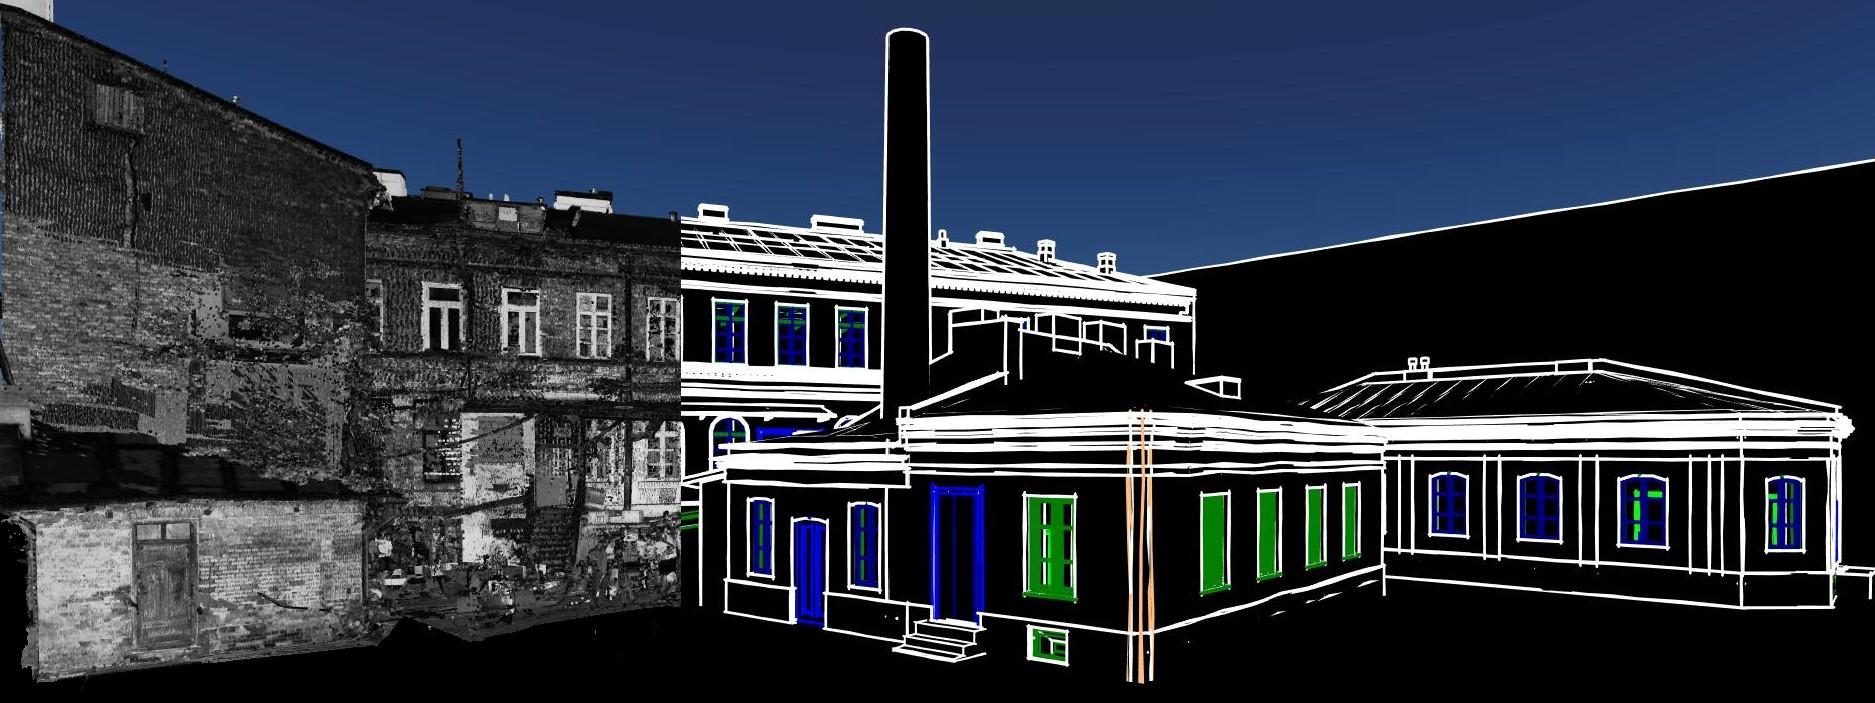 Inwentaryzacja BIM budynku